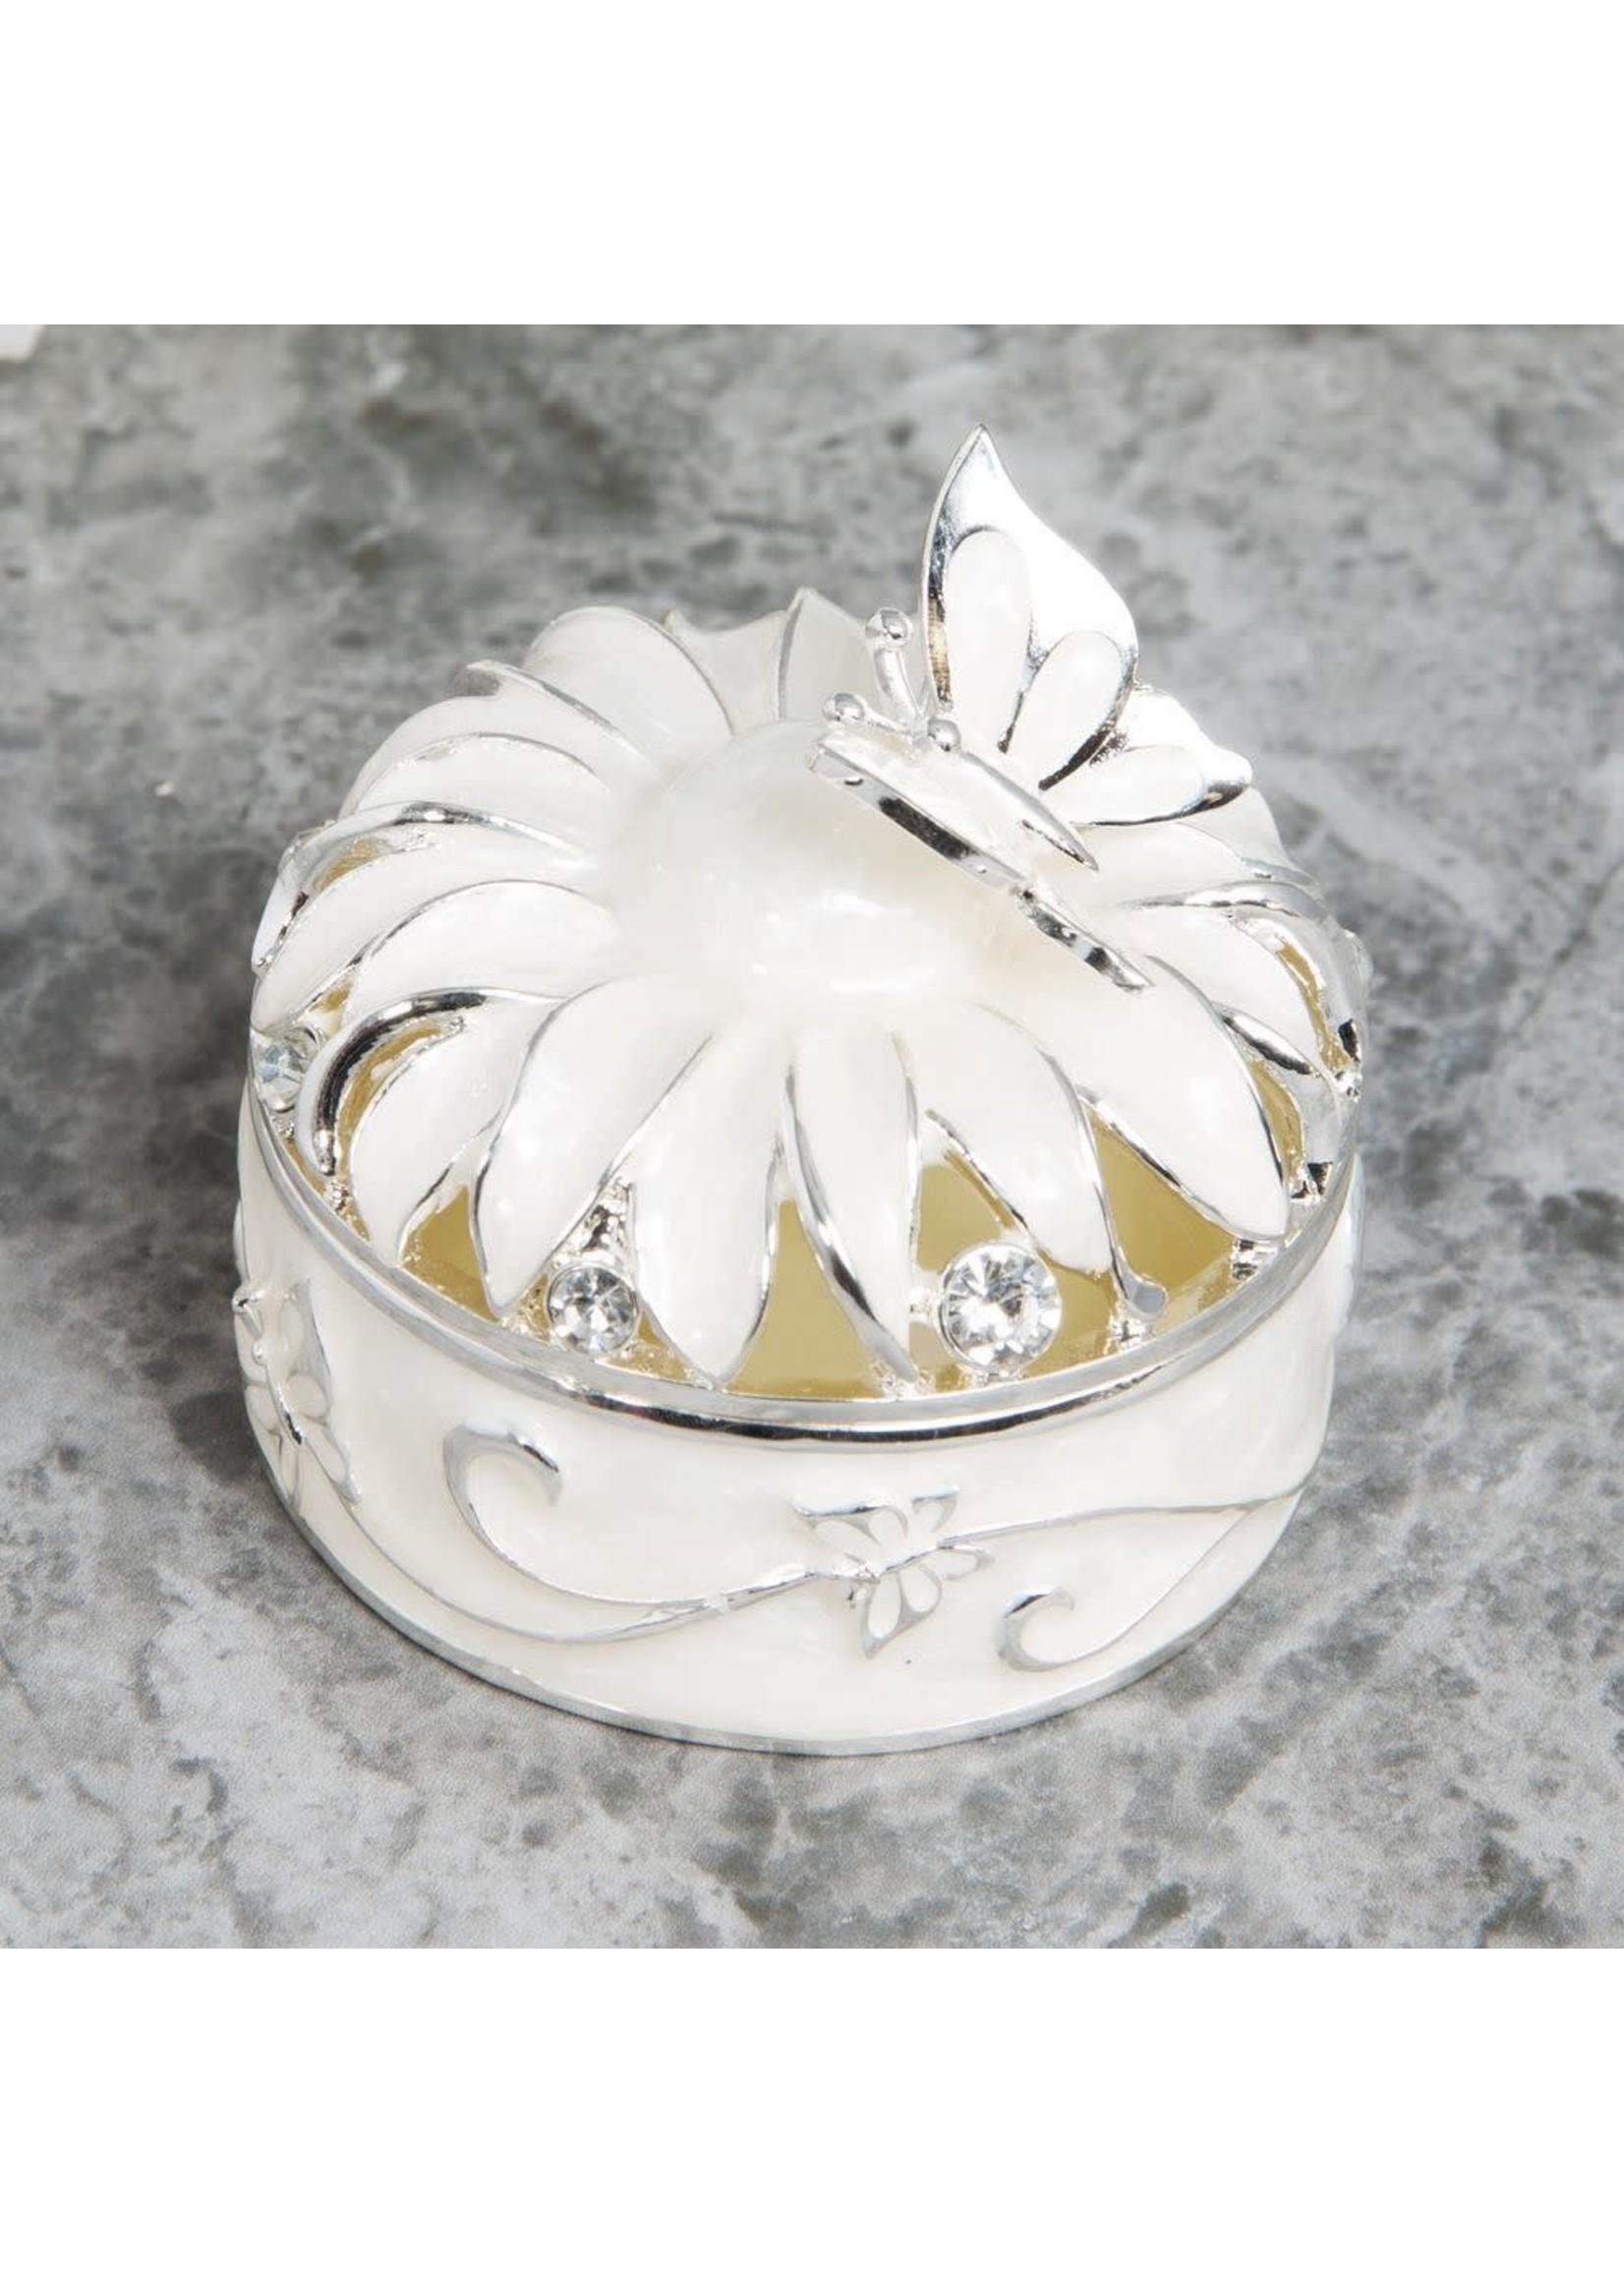 SOPHIA SILVERPLATE & EPOXY FLOWER TRINKET BOX